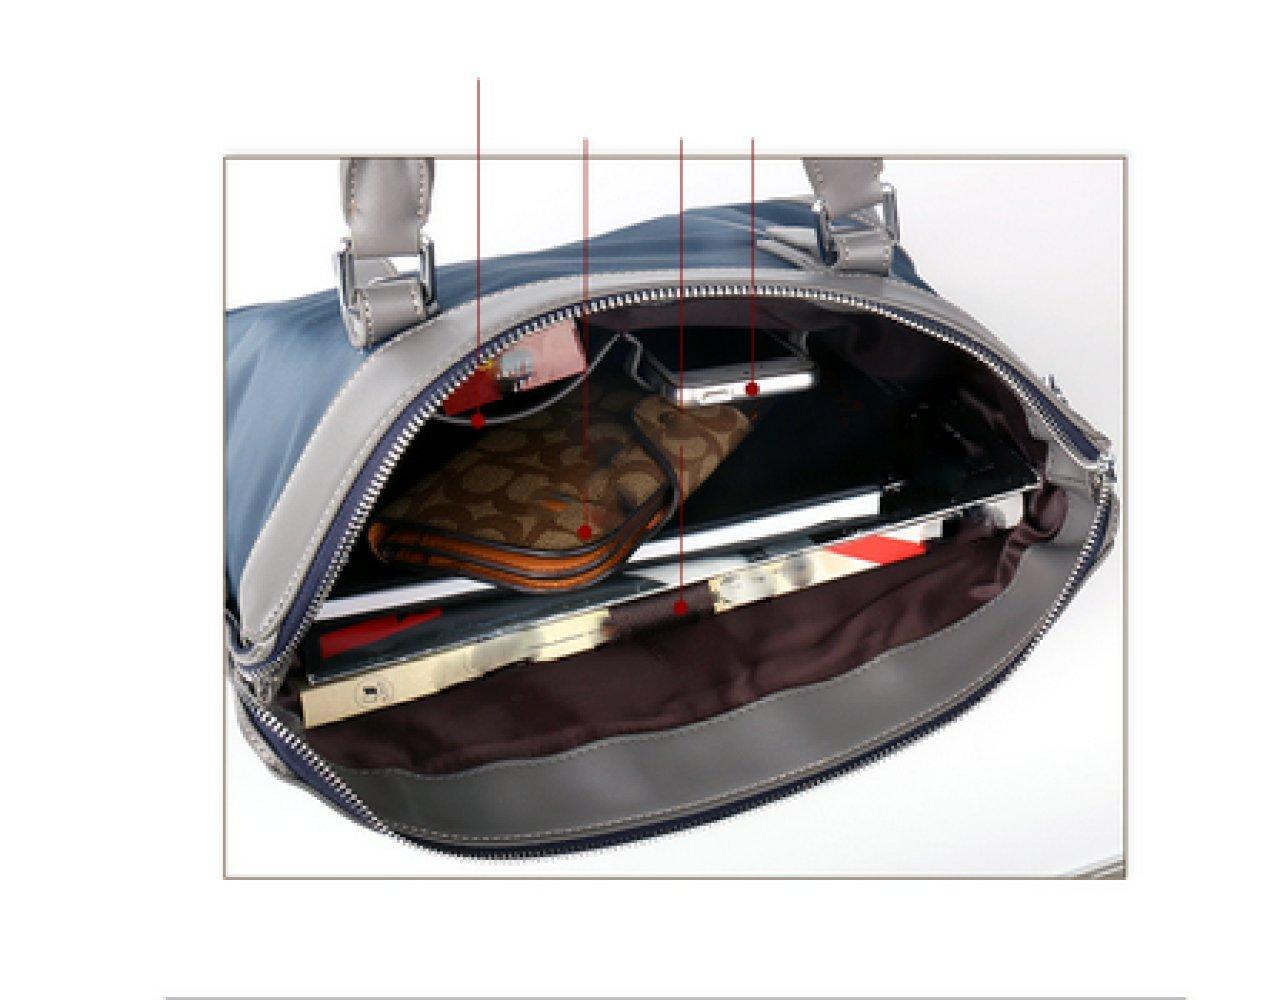 British Style Casual Men's Bag Waterproof Oxford Cloth Handbag Briefcase Shoulder Messenger Bag,Black-L by NUGJHJT (Image #5)